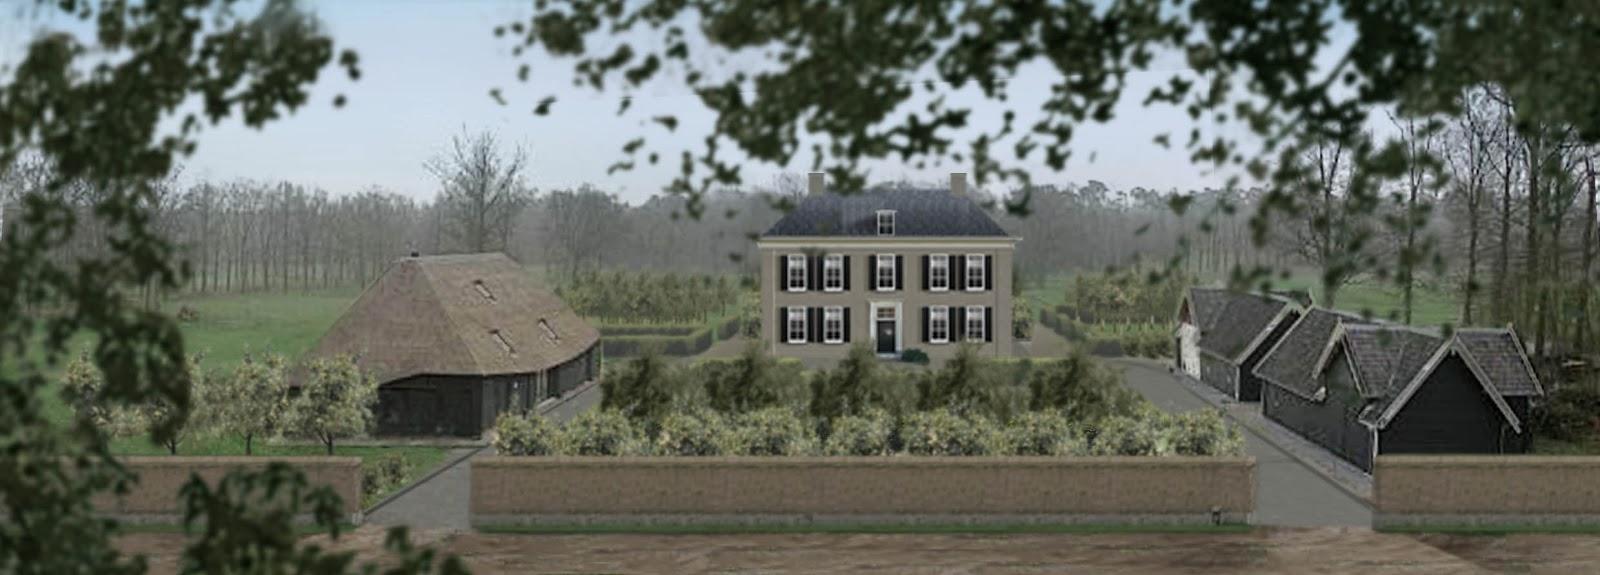 Boerderijtuinen keuze voor een woongebouw op landgoed de for Landhuis inrichting